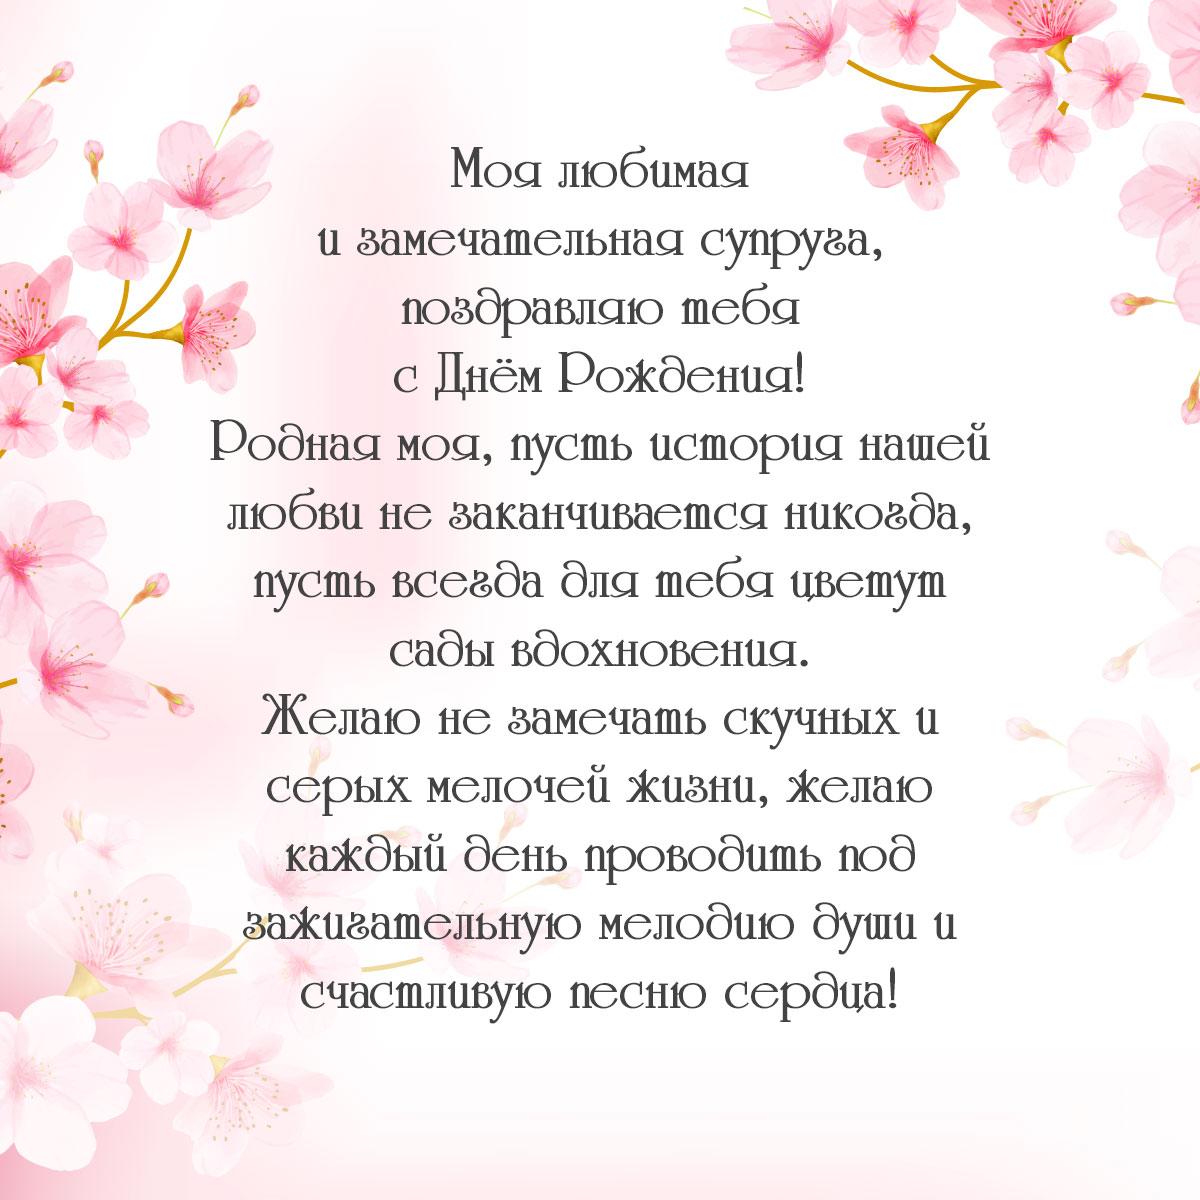 Картинка с текстом поздравления жене на розовом фоне с цветами.